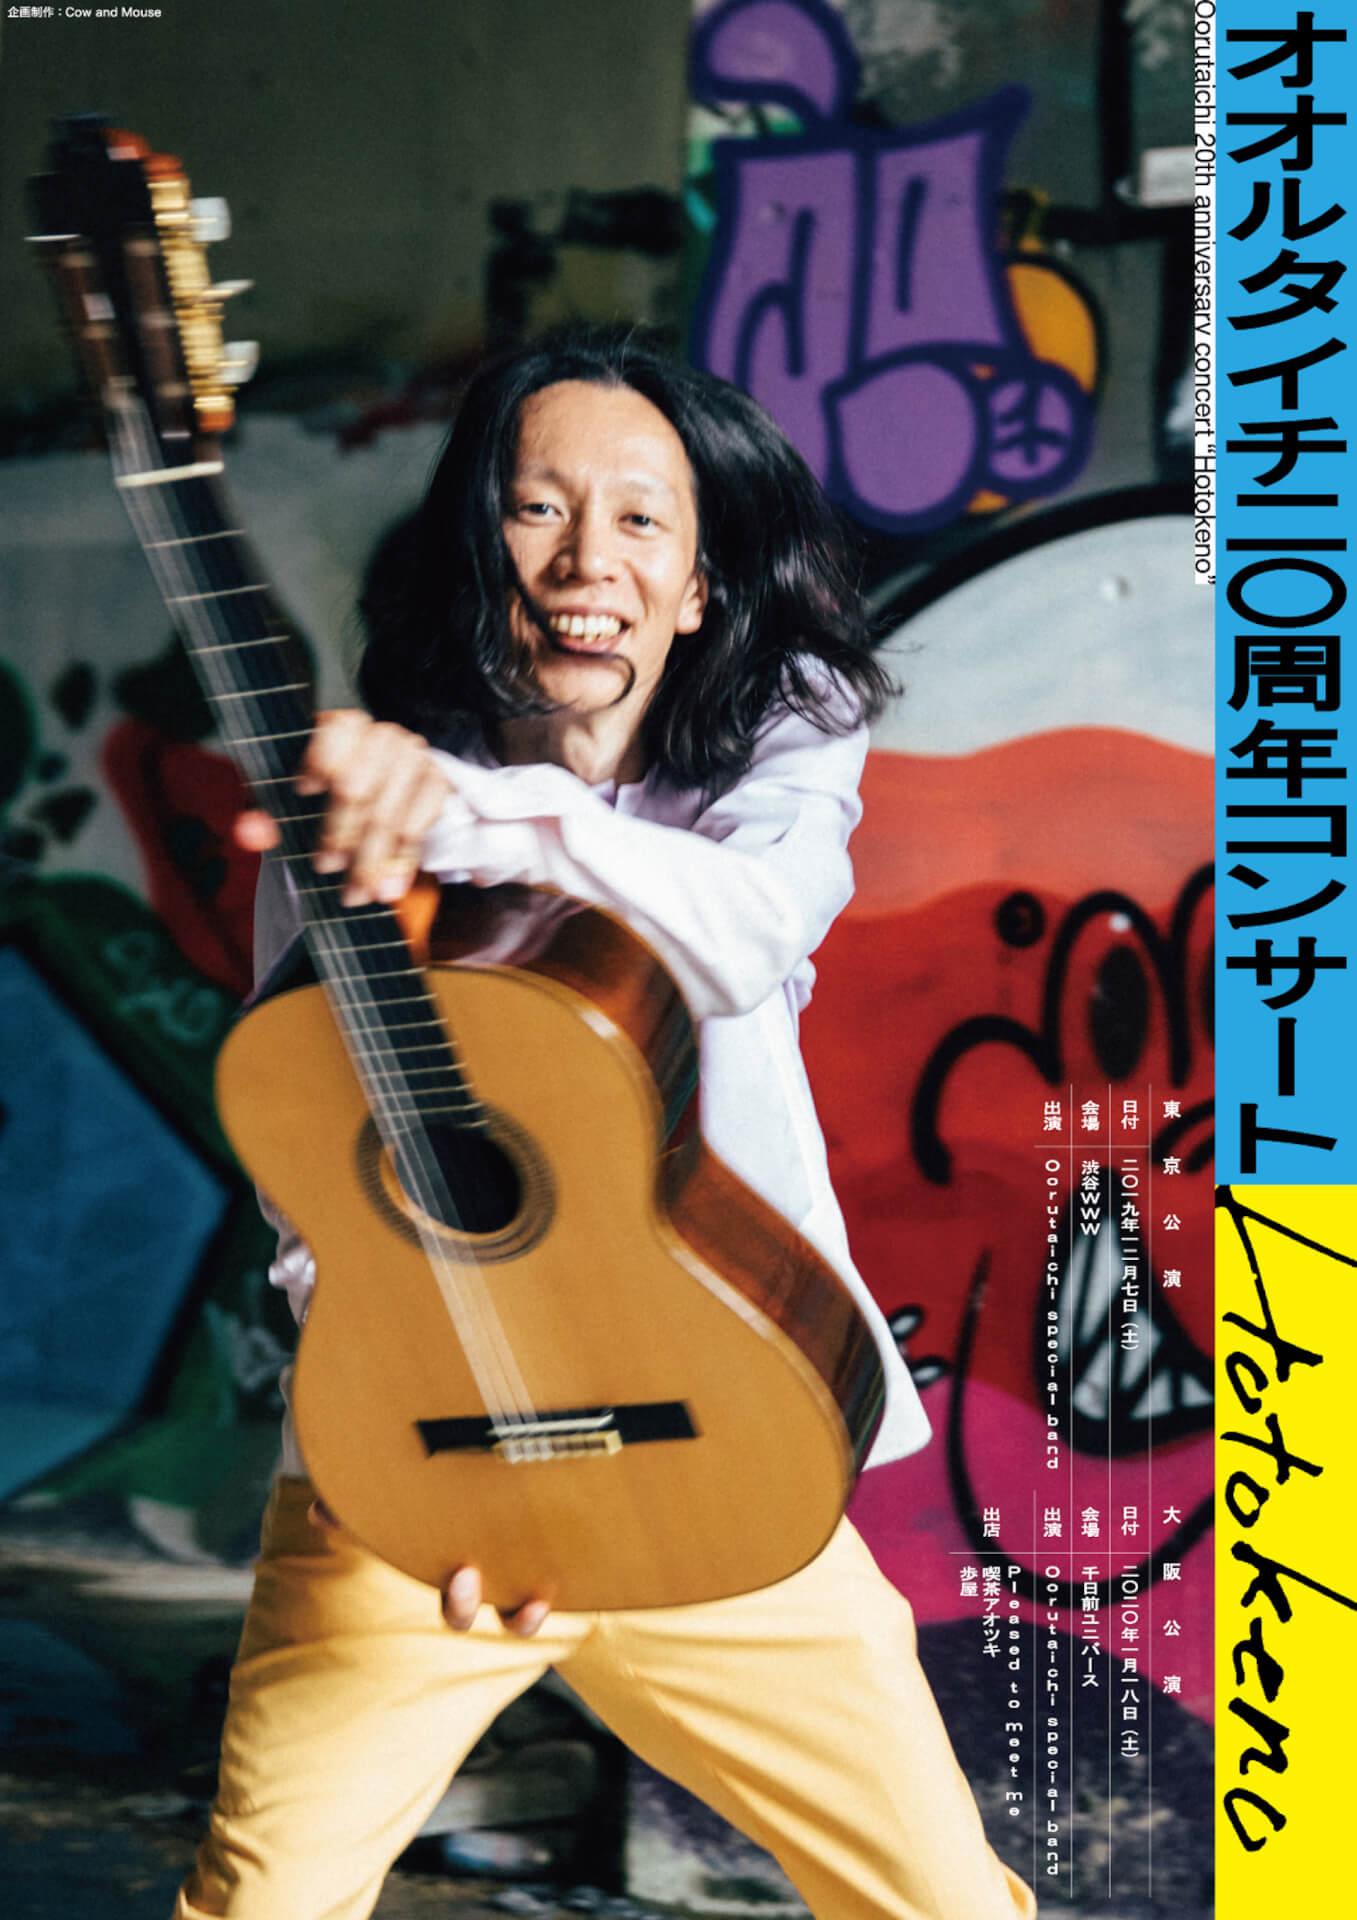 オオルタイチ20周年ライブ<Hotokeno>開催決定|水カン提供曲セルフカバー収録の同名アルバムもリリース music200109_oorutaichi20th_03